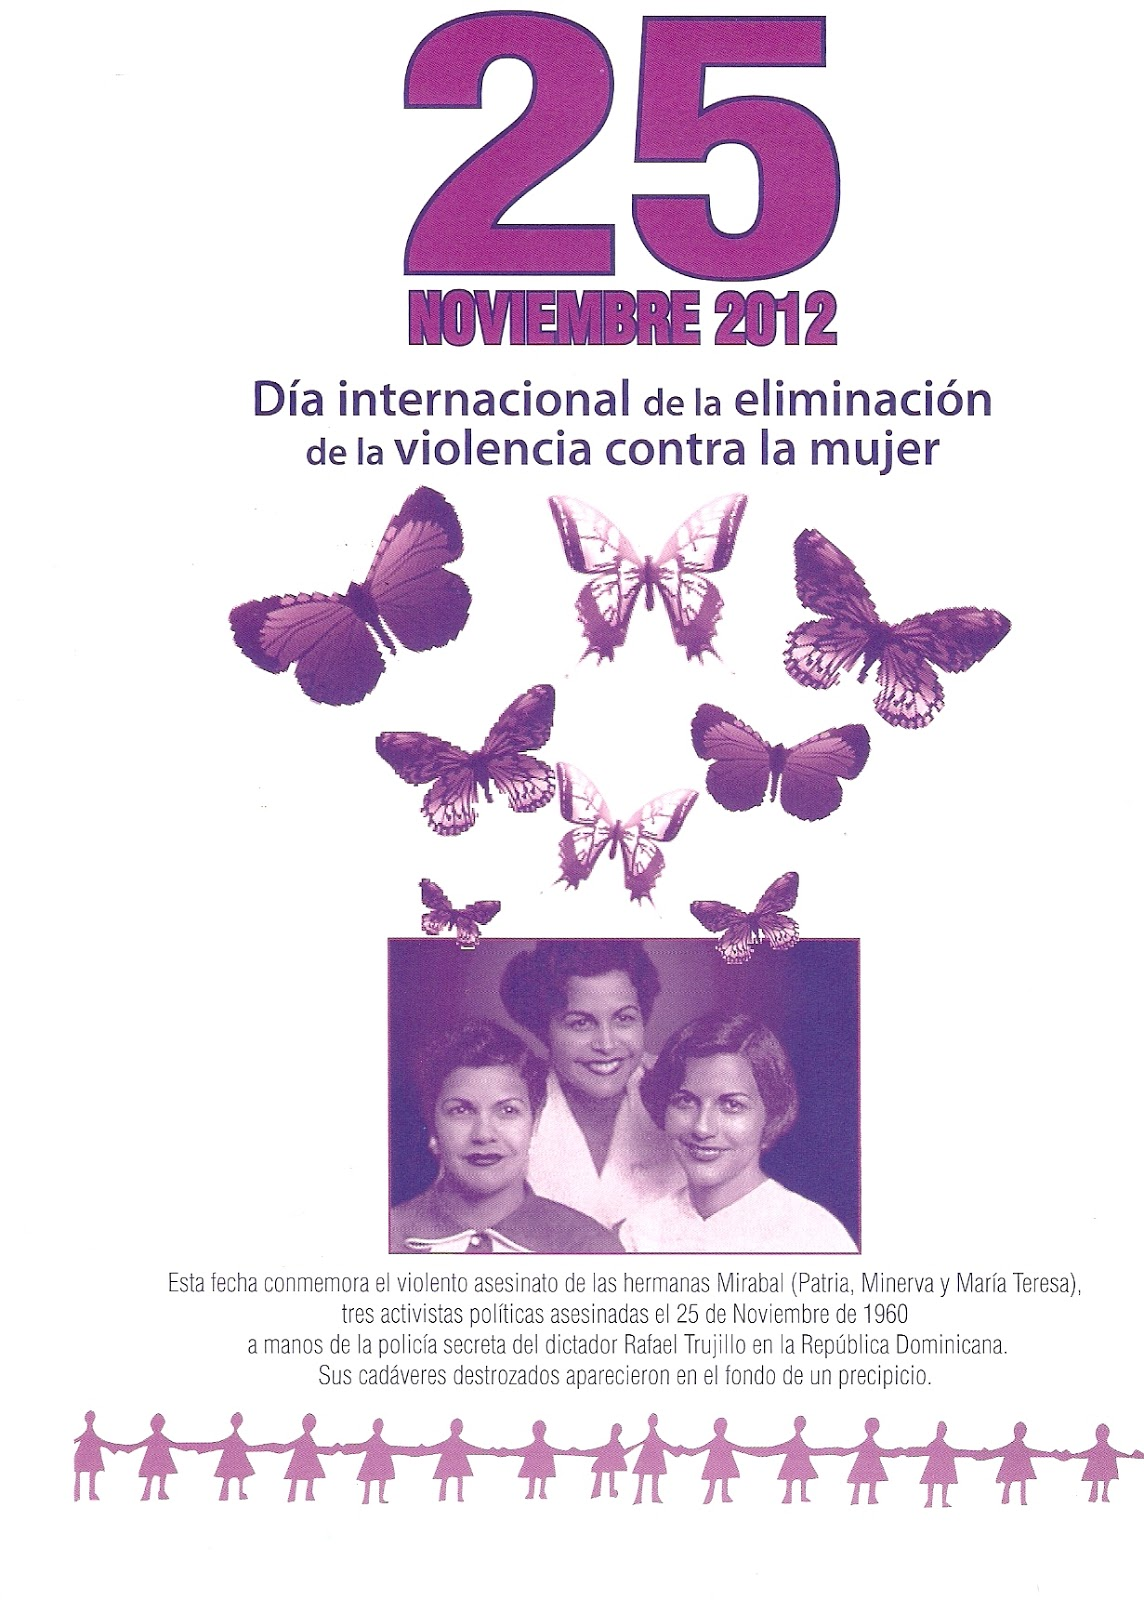 grupo ayuda contra violencia: